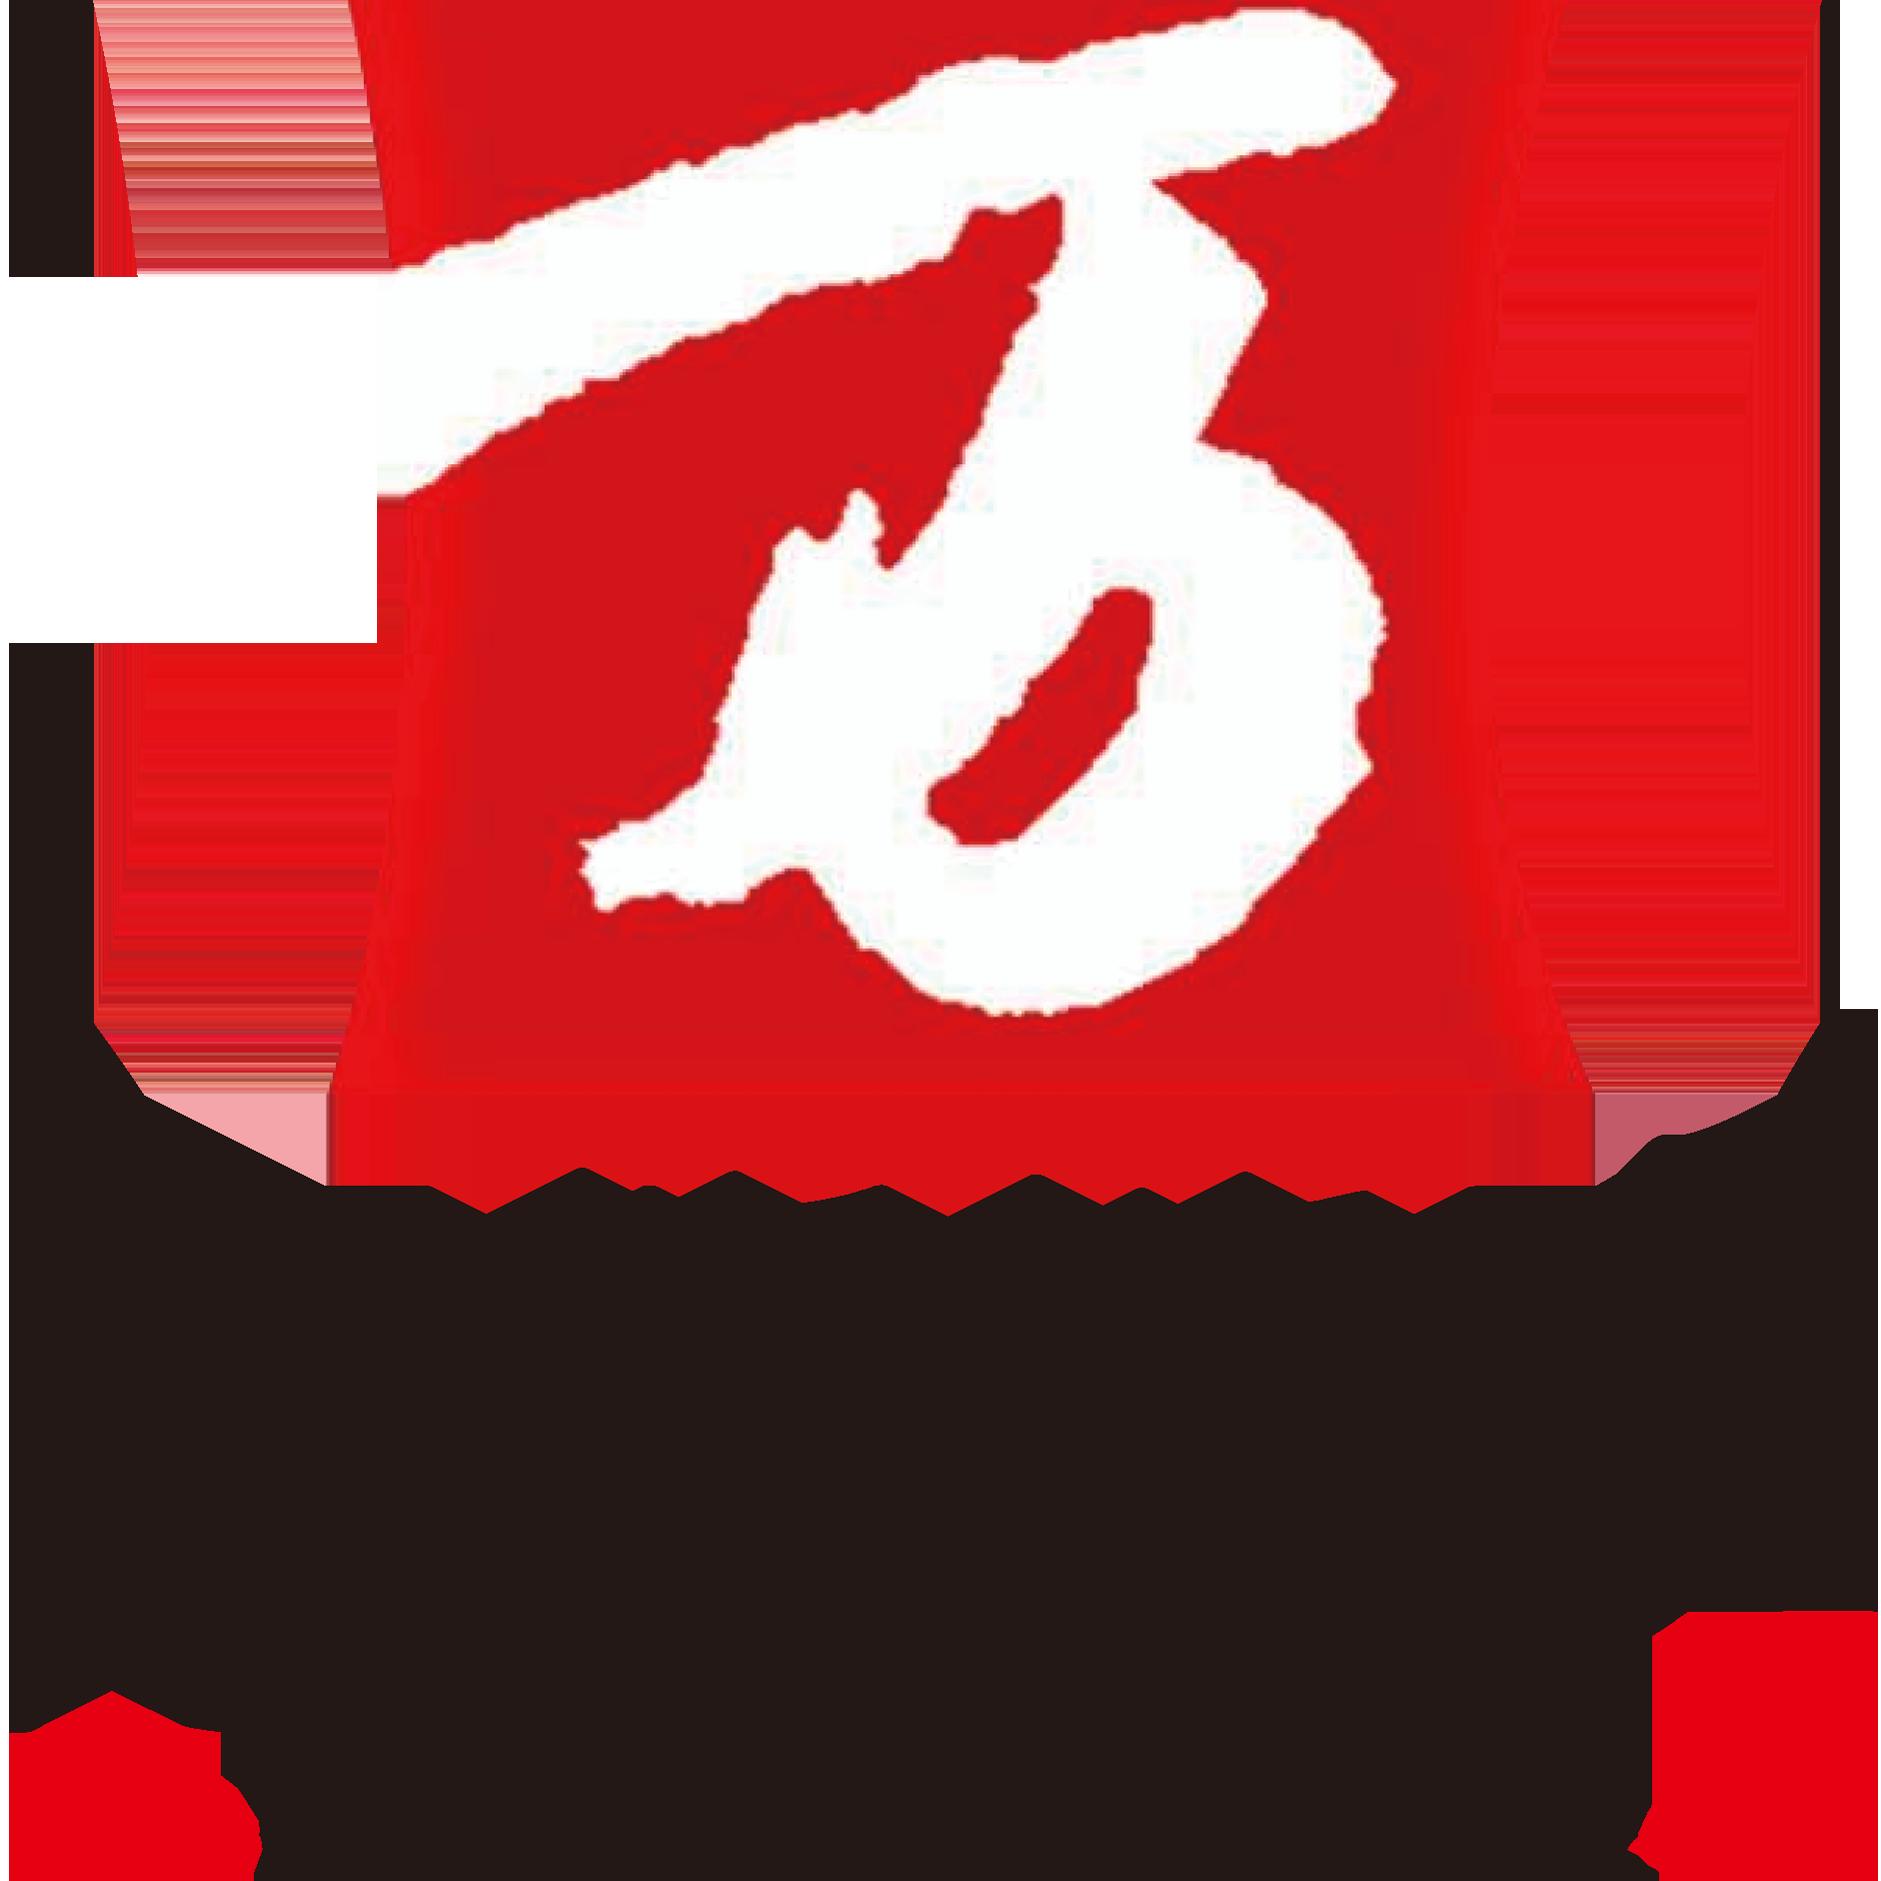 【万能地产】广西万能房地产有限公司招聘:公司标志 logo